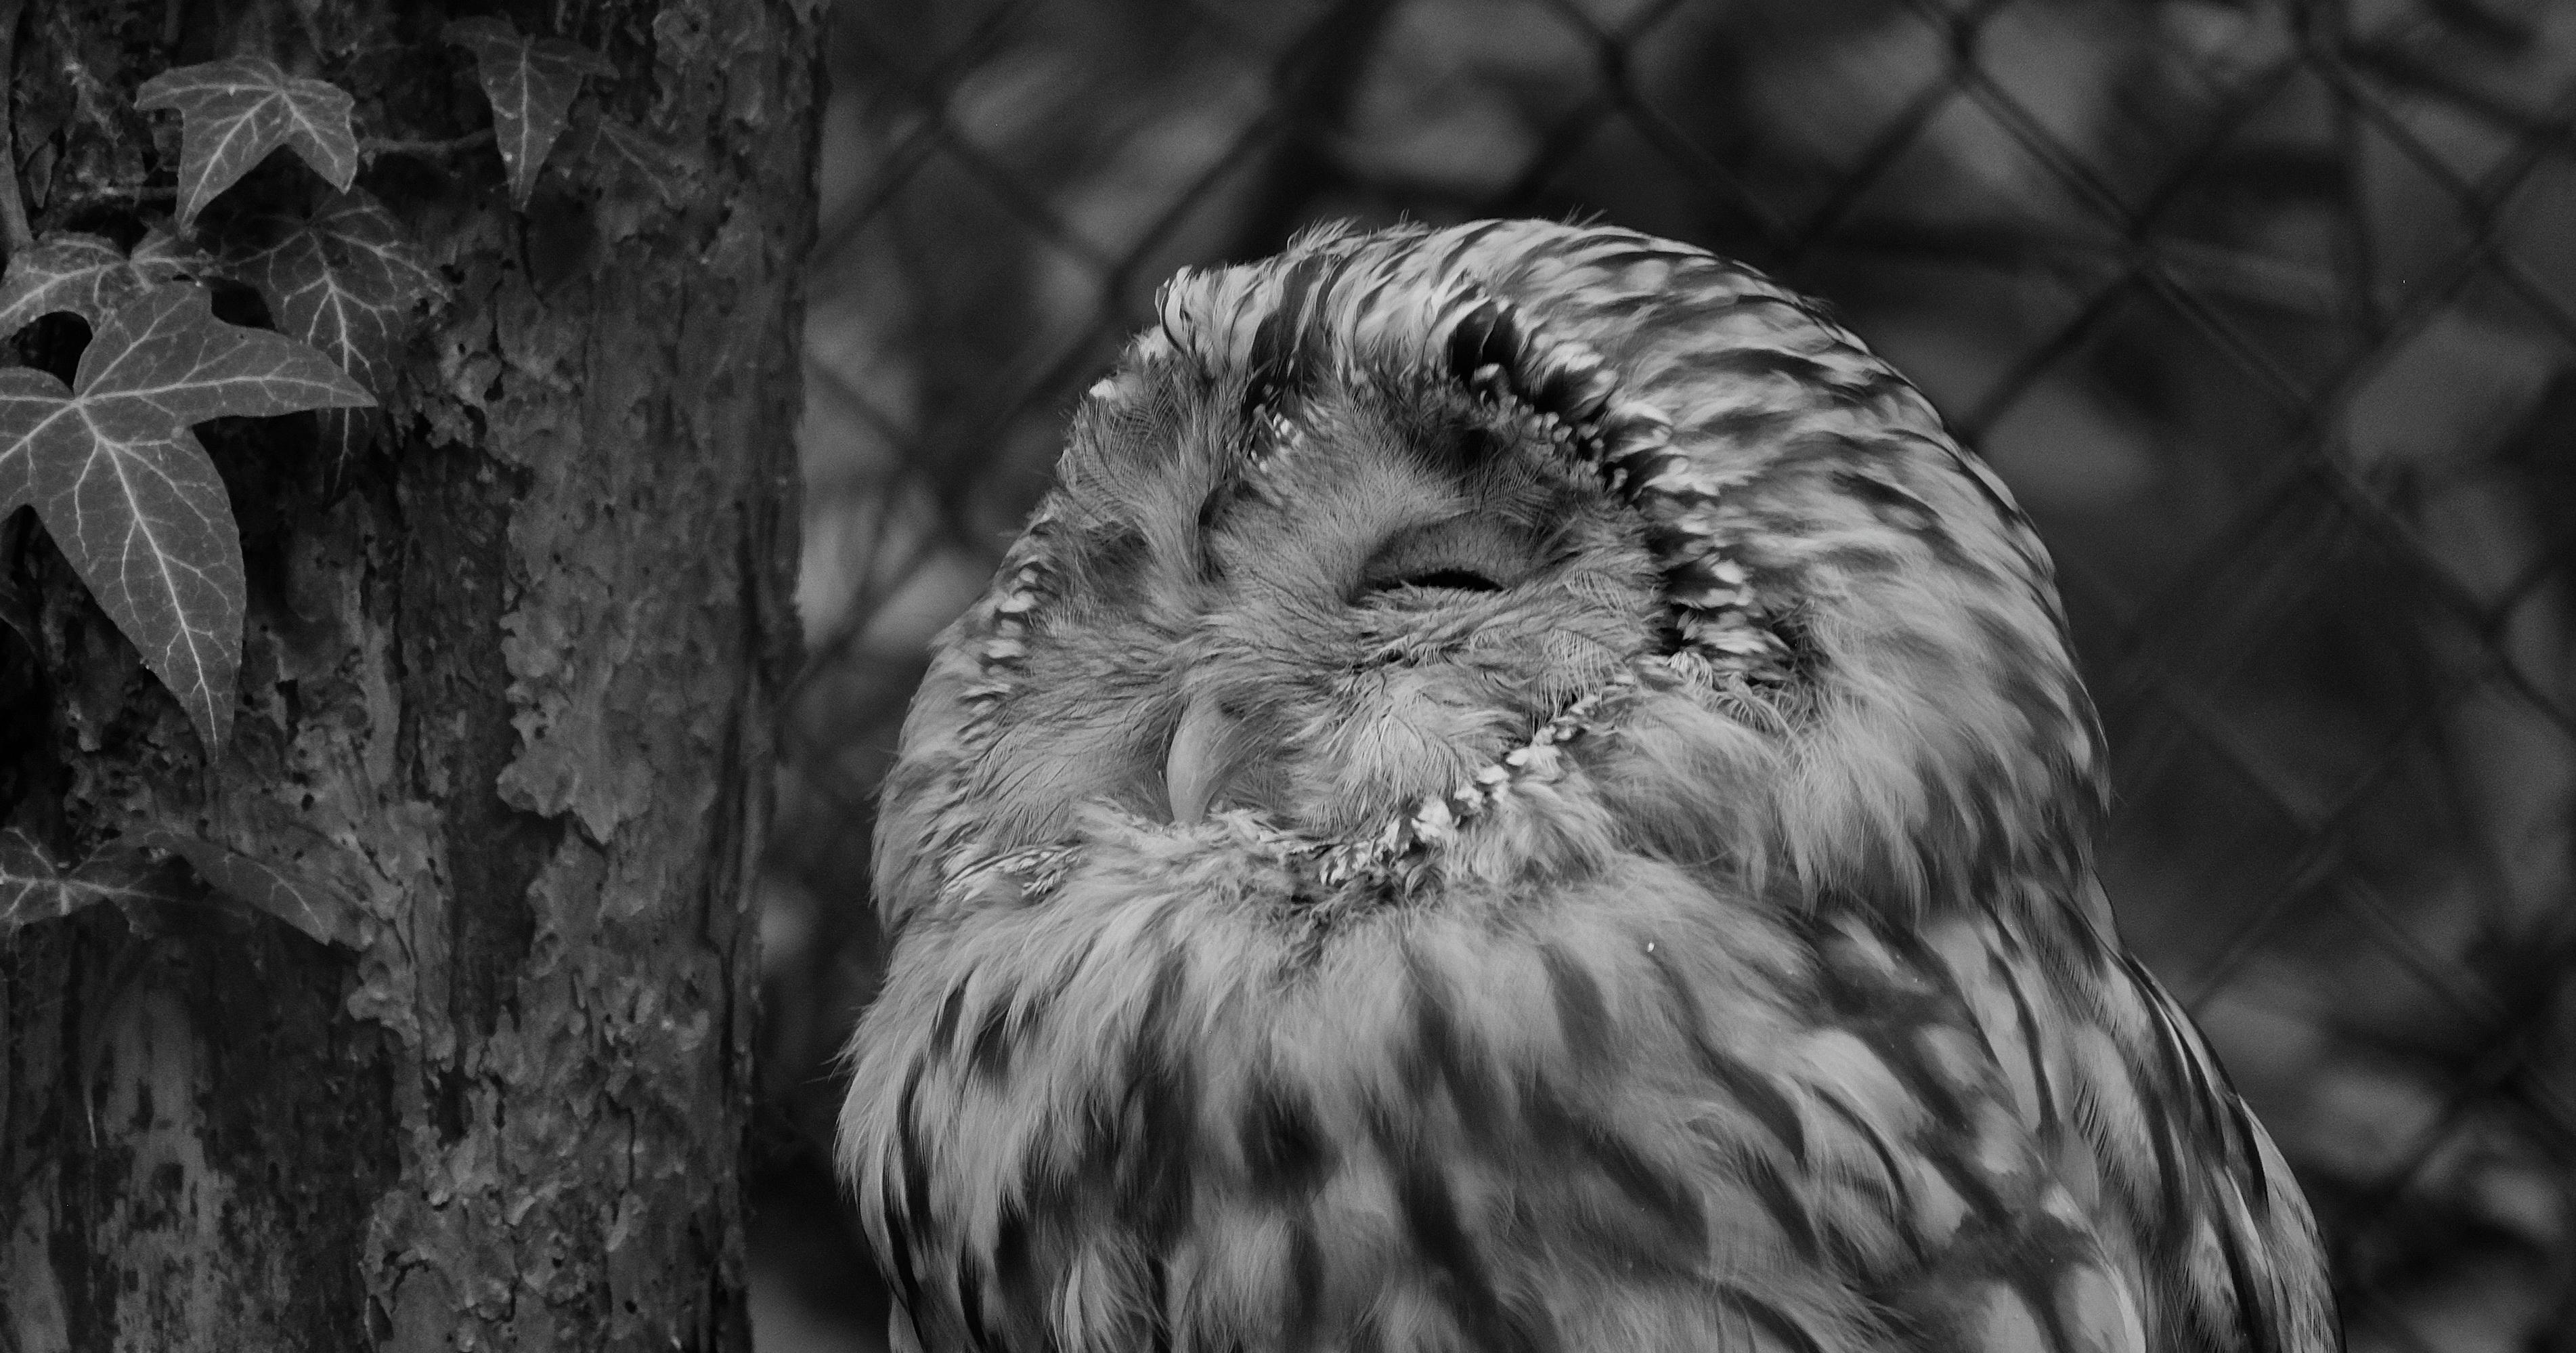 Uralkauz / Ural owl